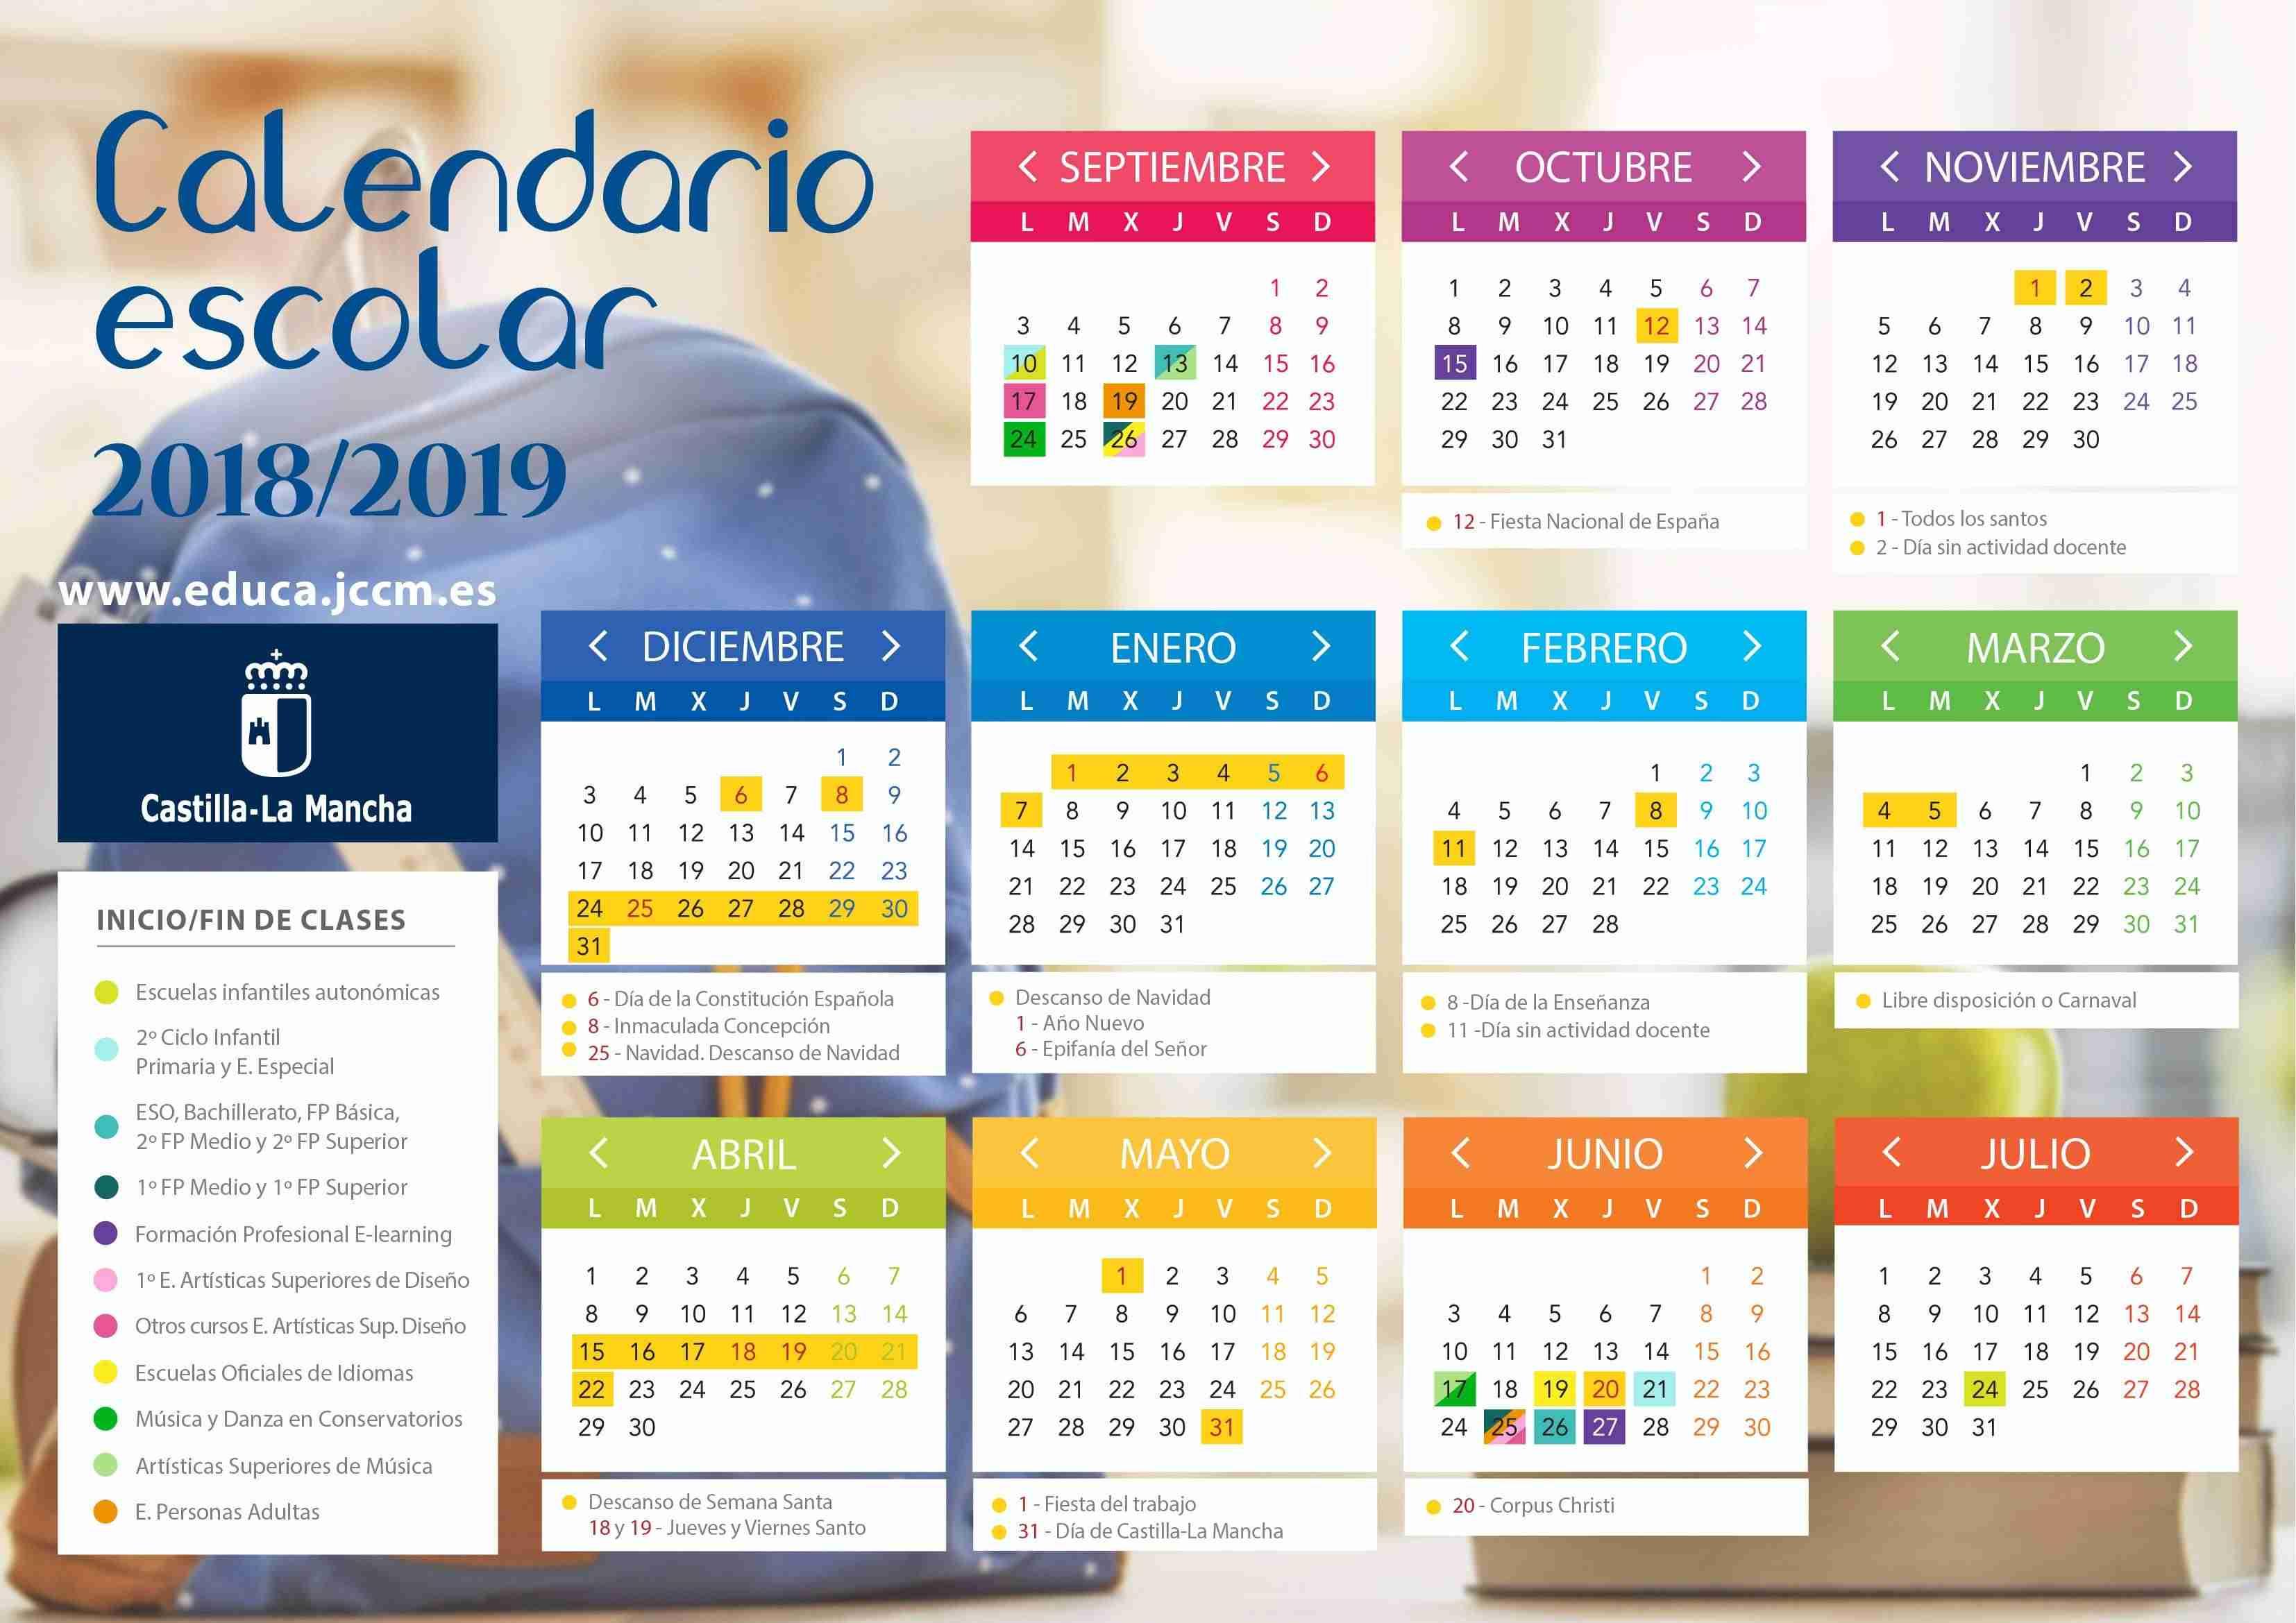 calendario escolar 2018/2019 en Castilla-La Mancha